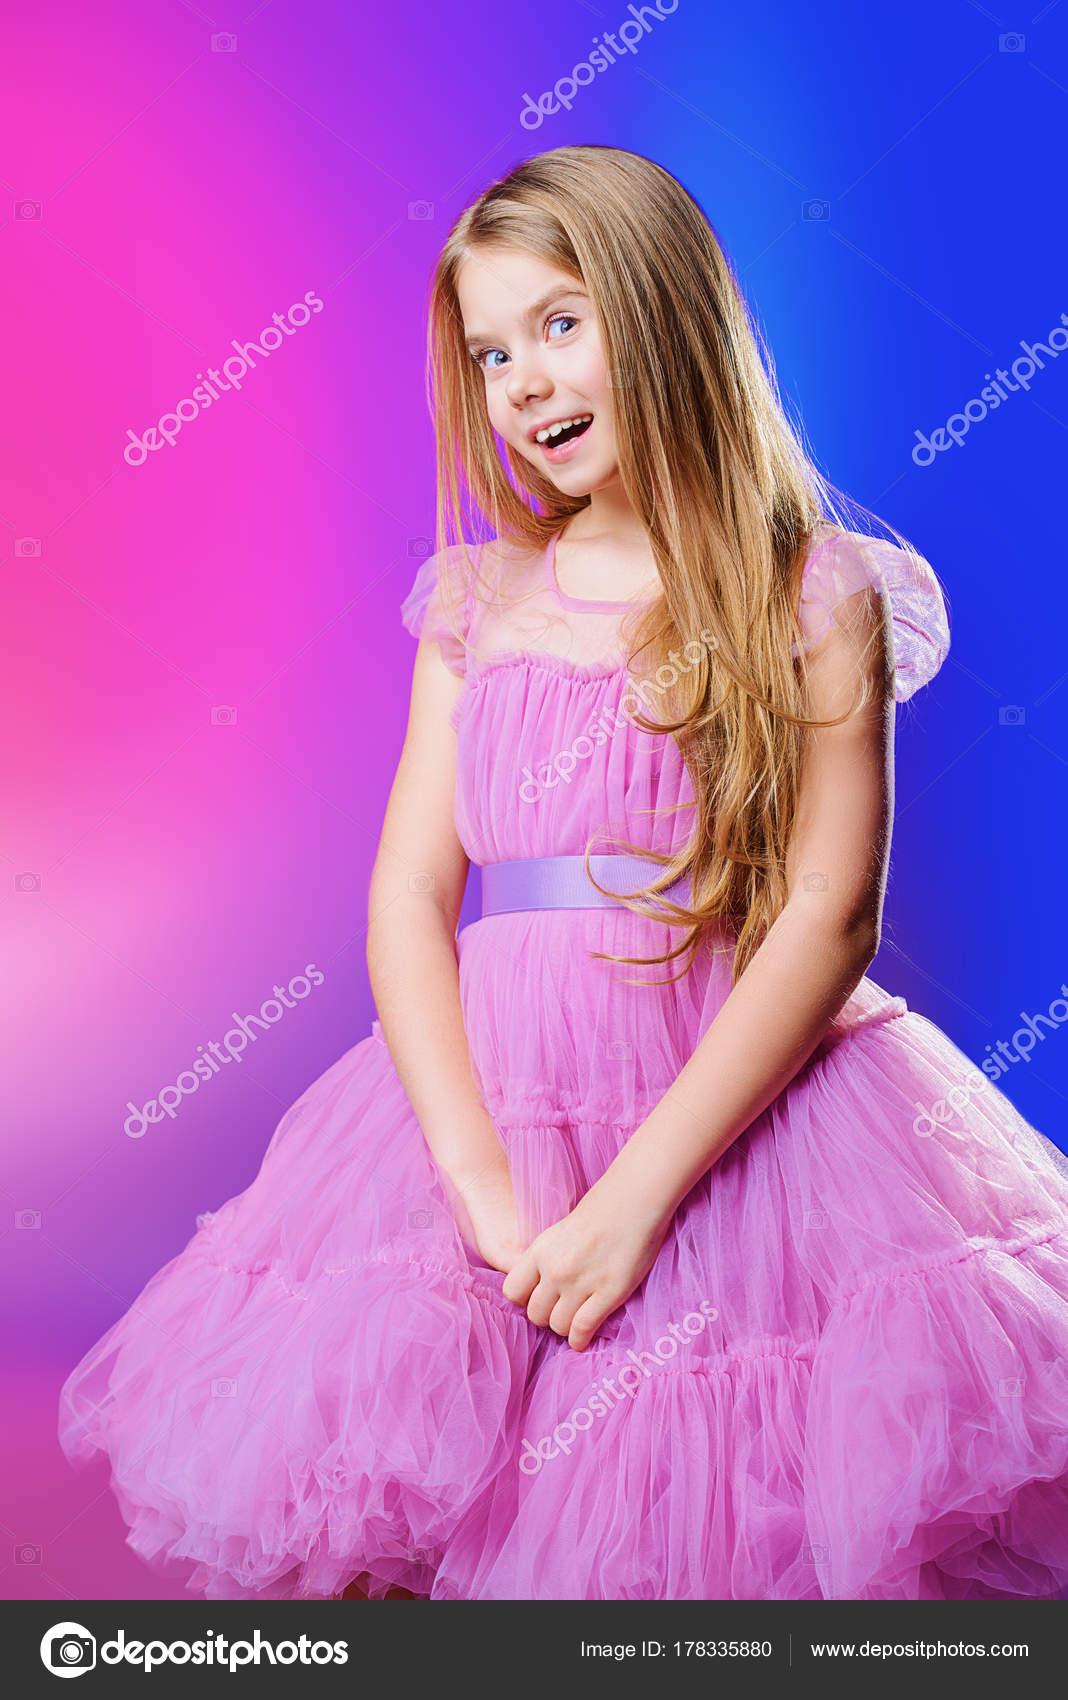 esponjoso Vestido de niña — Foto de stock © prometeus #178335880